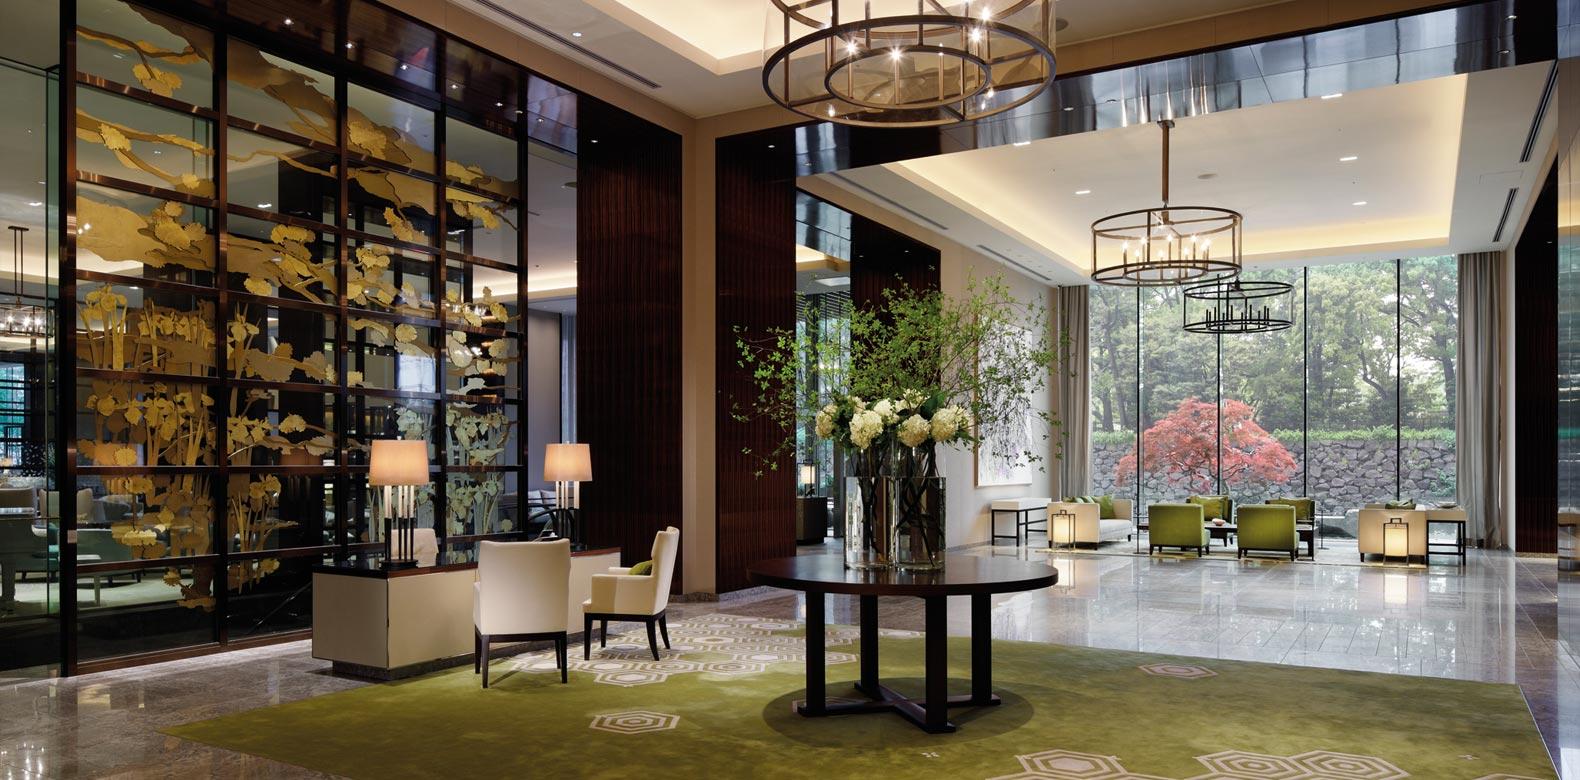 Palace Hotel Tokyo Lobby2 ART HOTEL NEL MONDO